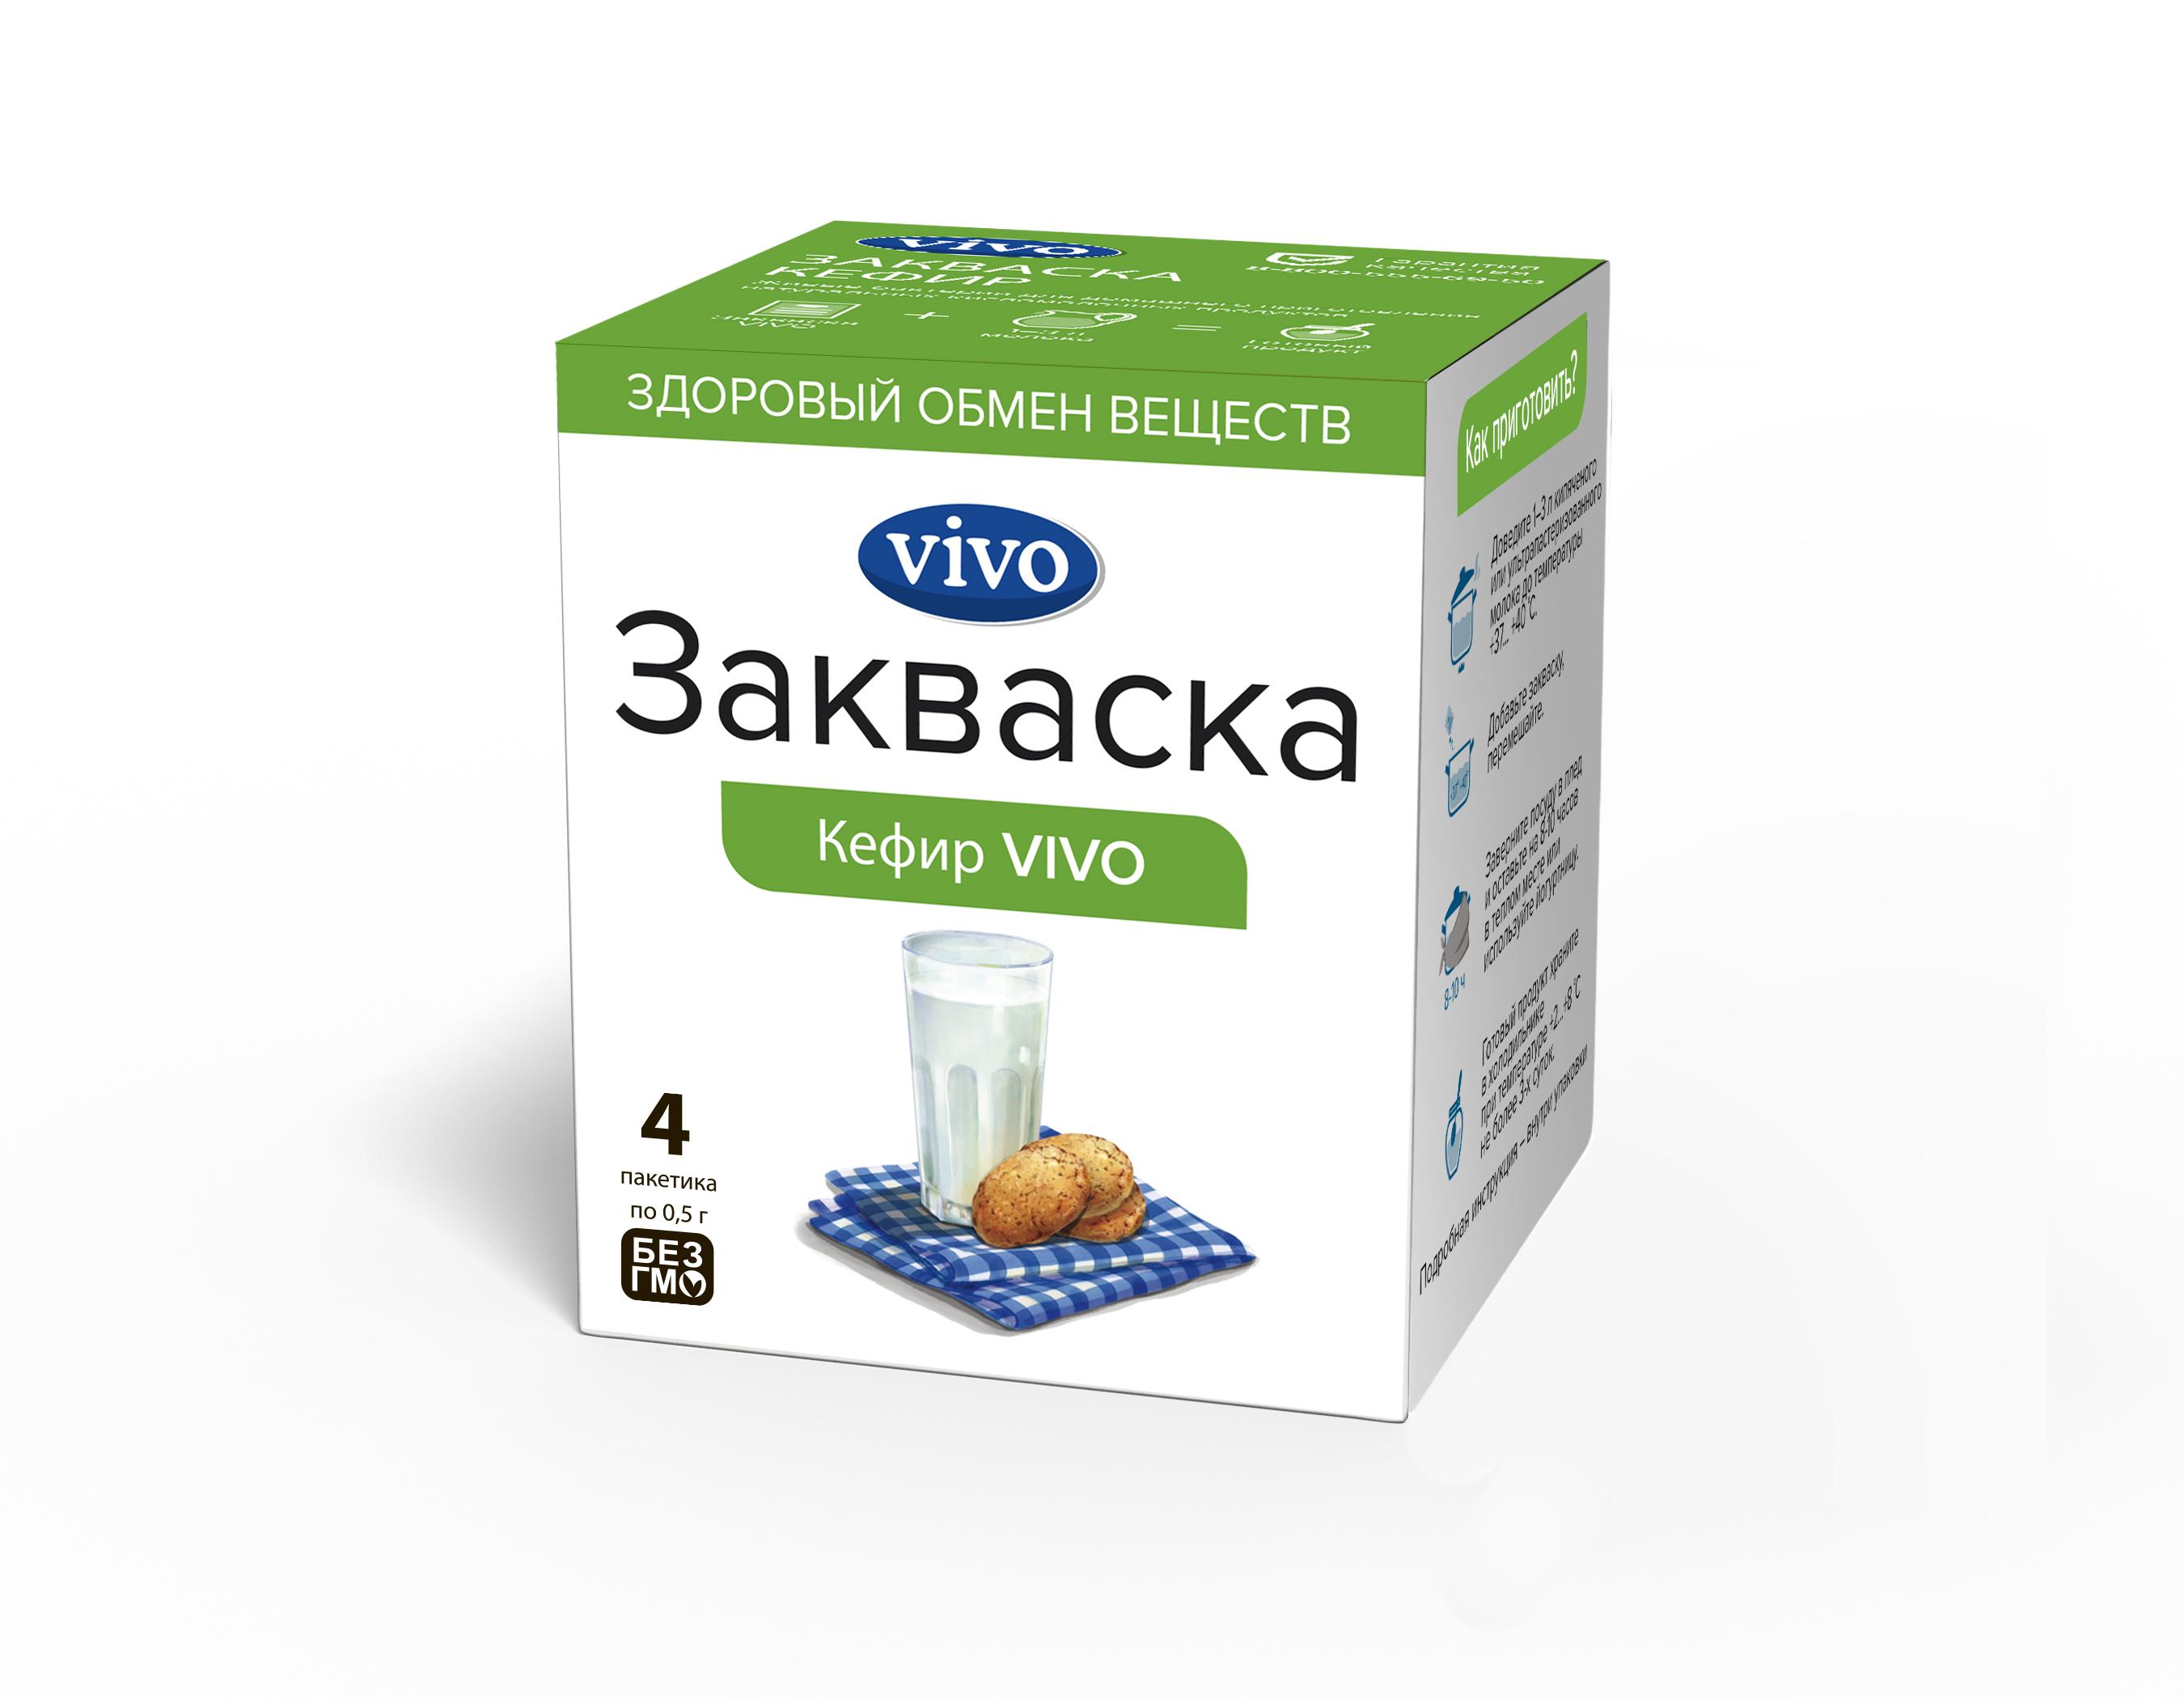 VIVO Закваска Кефир, 4 шт по 0,5 г коробка для кружек printio нежные розы